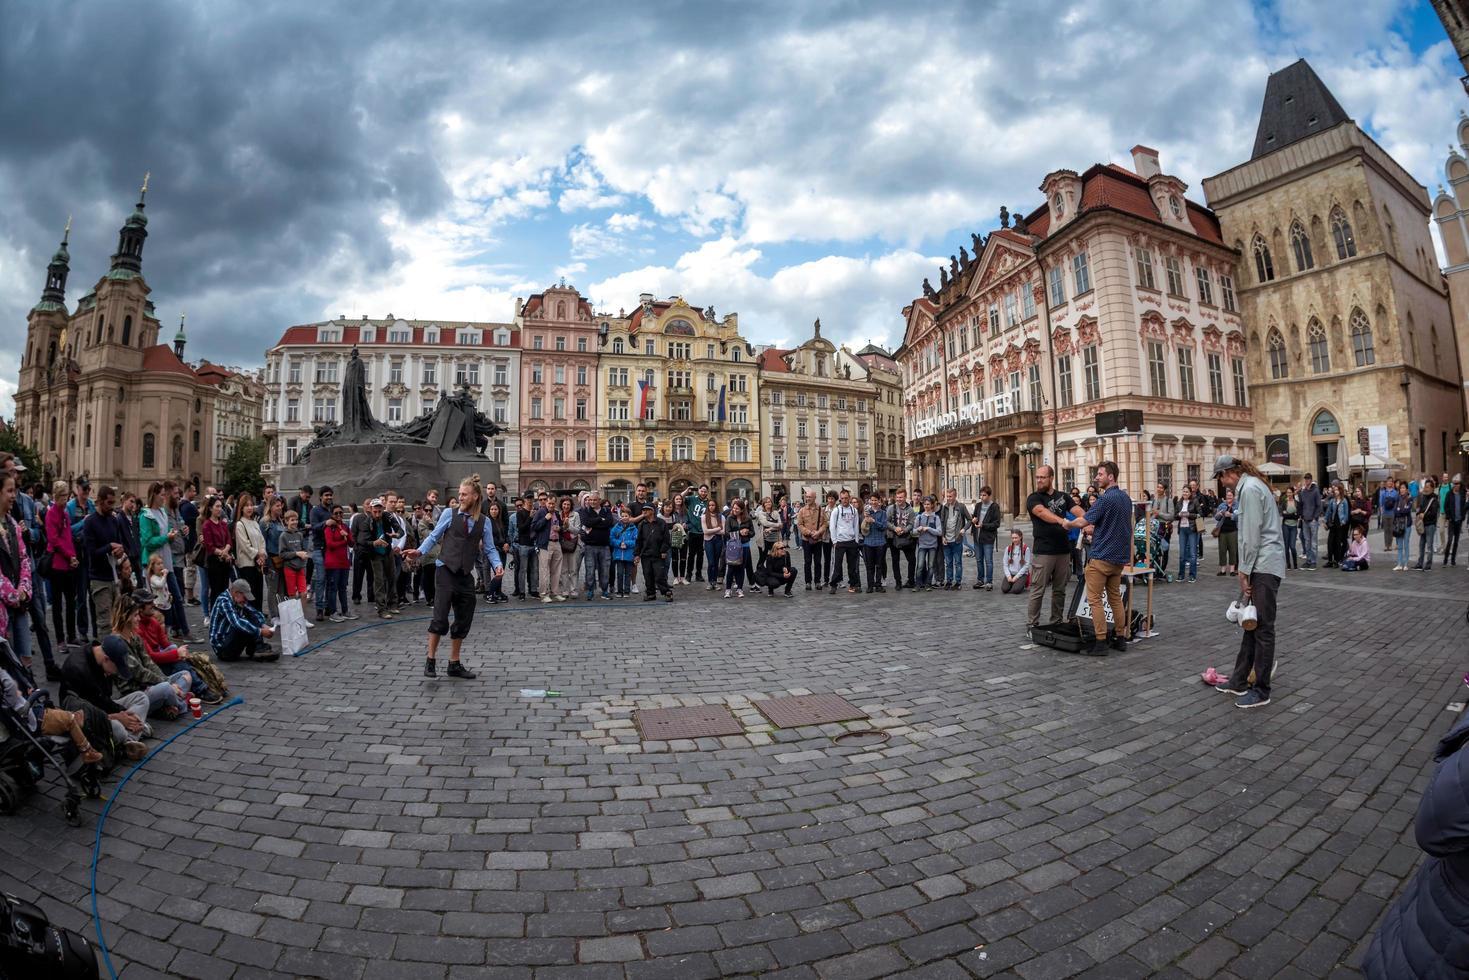 Prag, Tjeckien 2017 - sven från sverige med gataföreställning vid det gamla torget foto